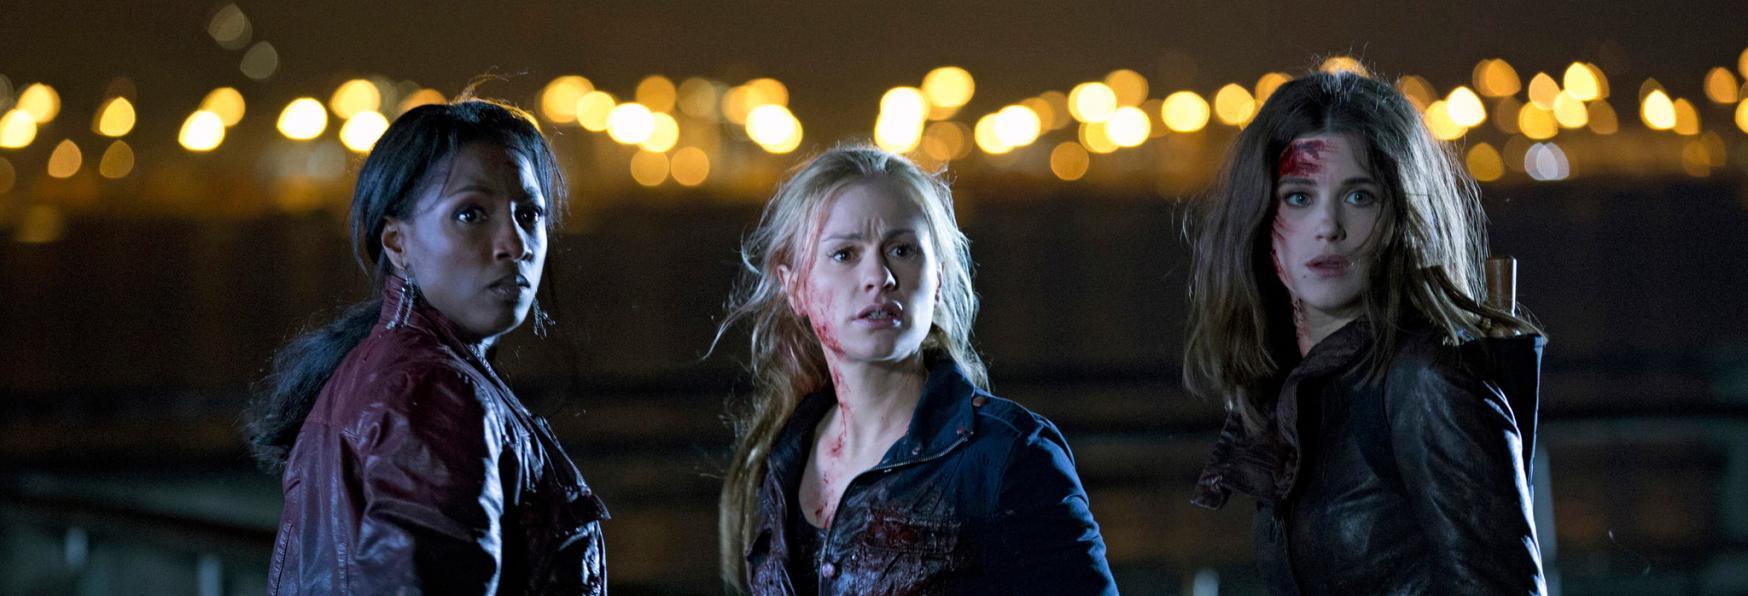 True Blood: HBO parla dello Sviluppo della Serie TV Reboot